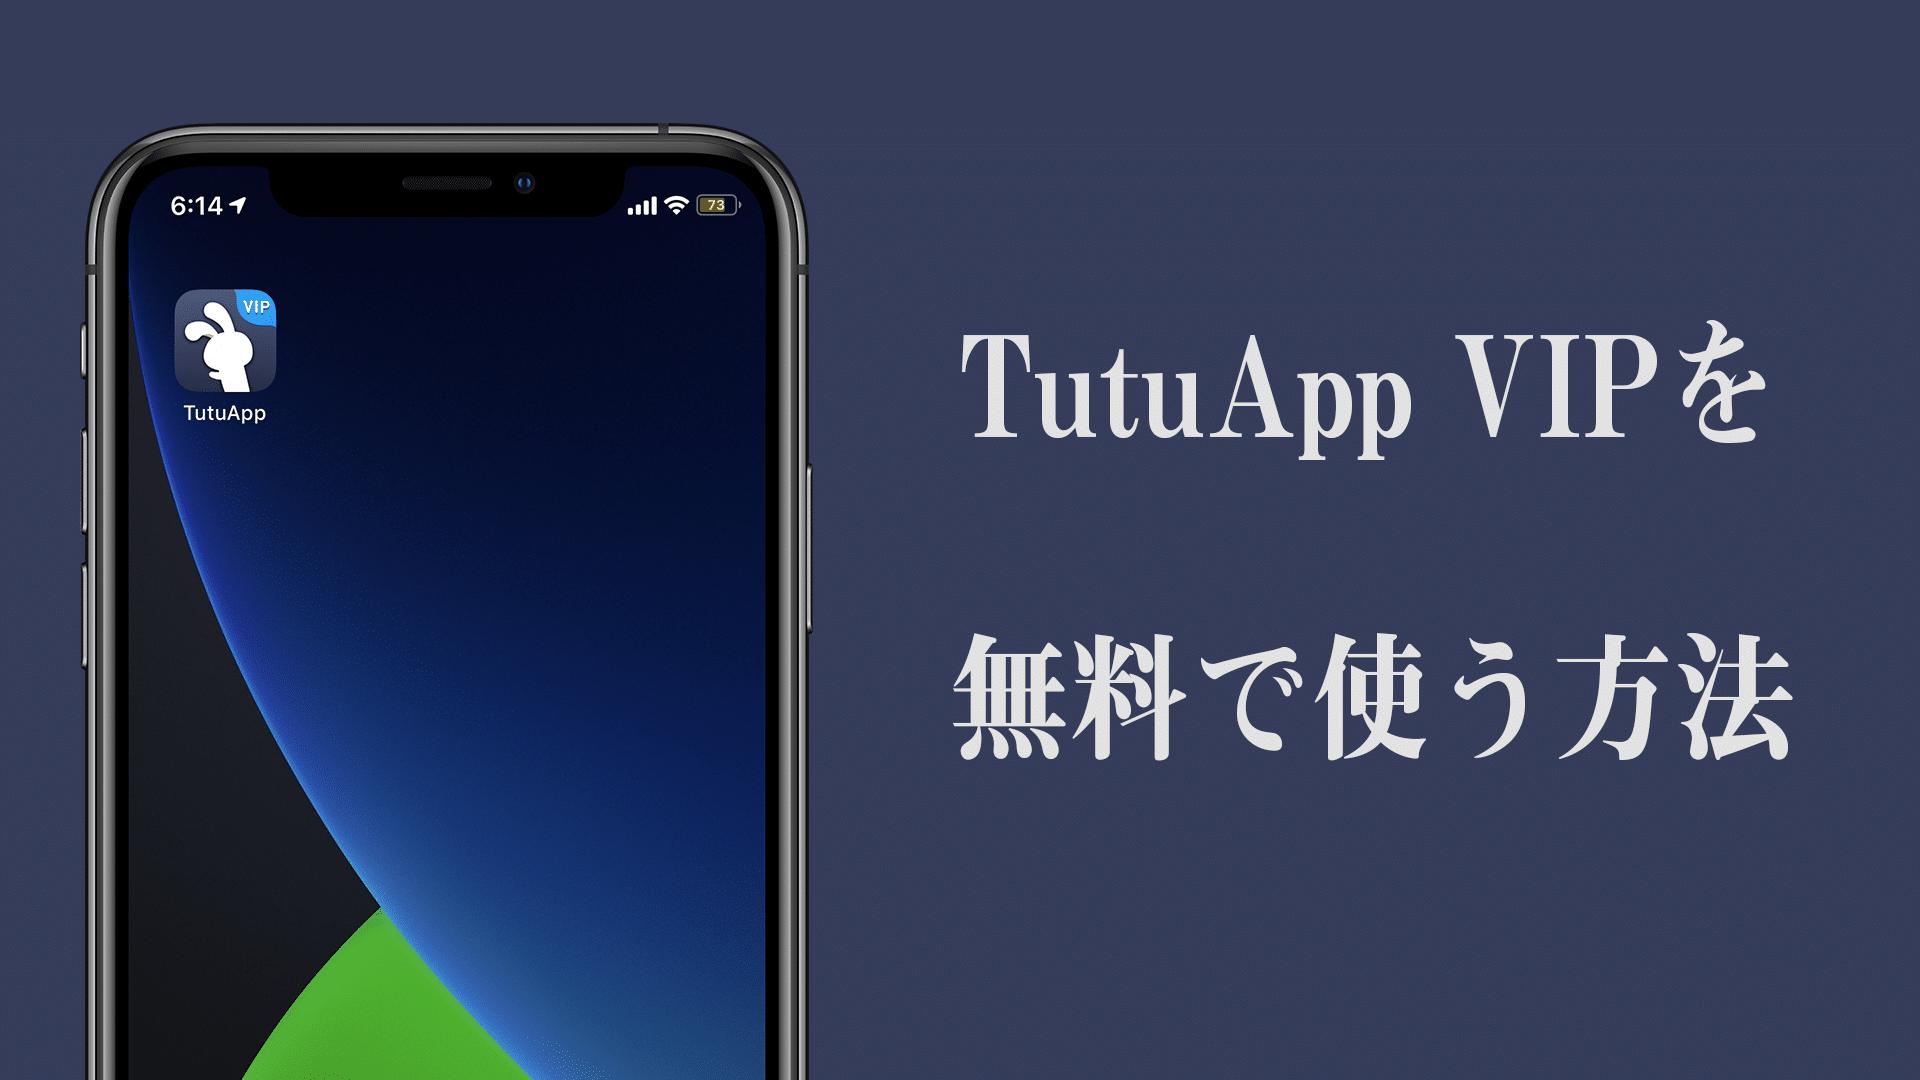 tutuappvip - TutuApp VIPを無料で使う方法【iOS13.5対応】【2020年版】